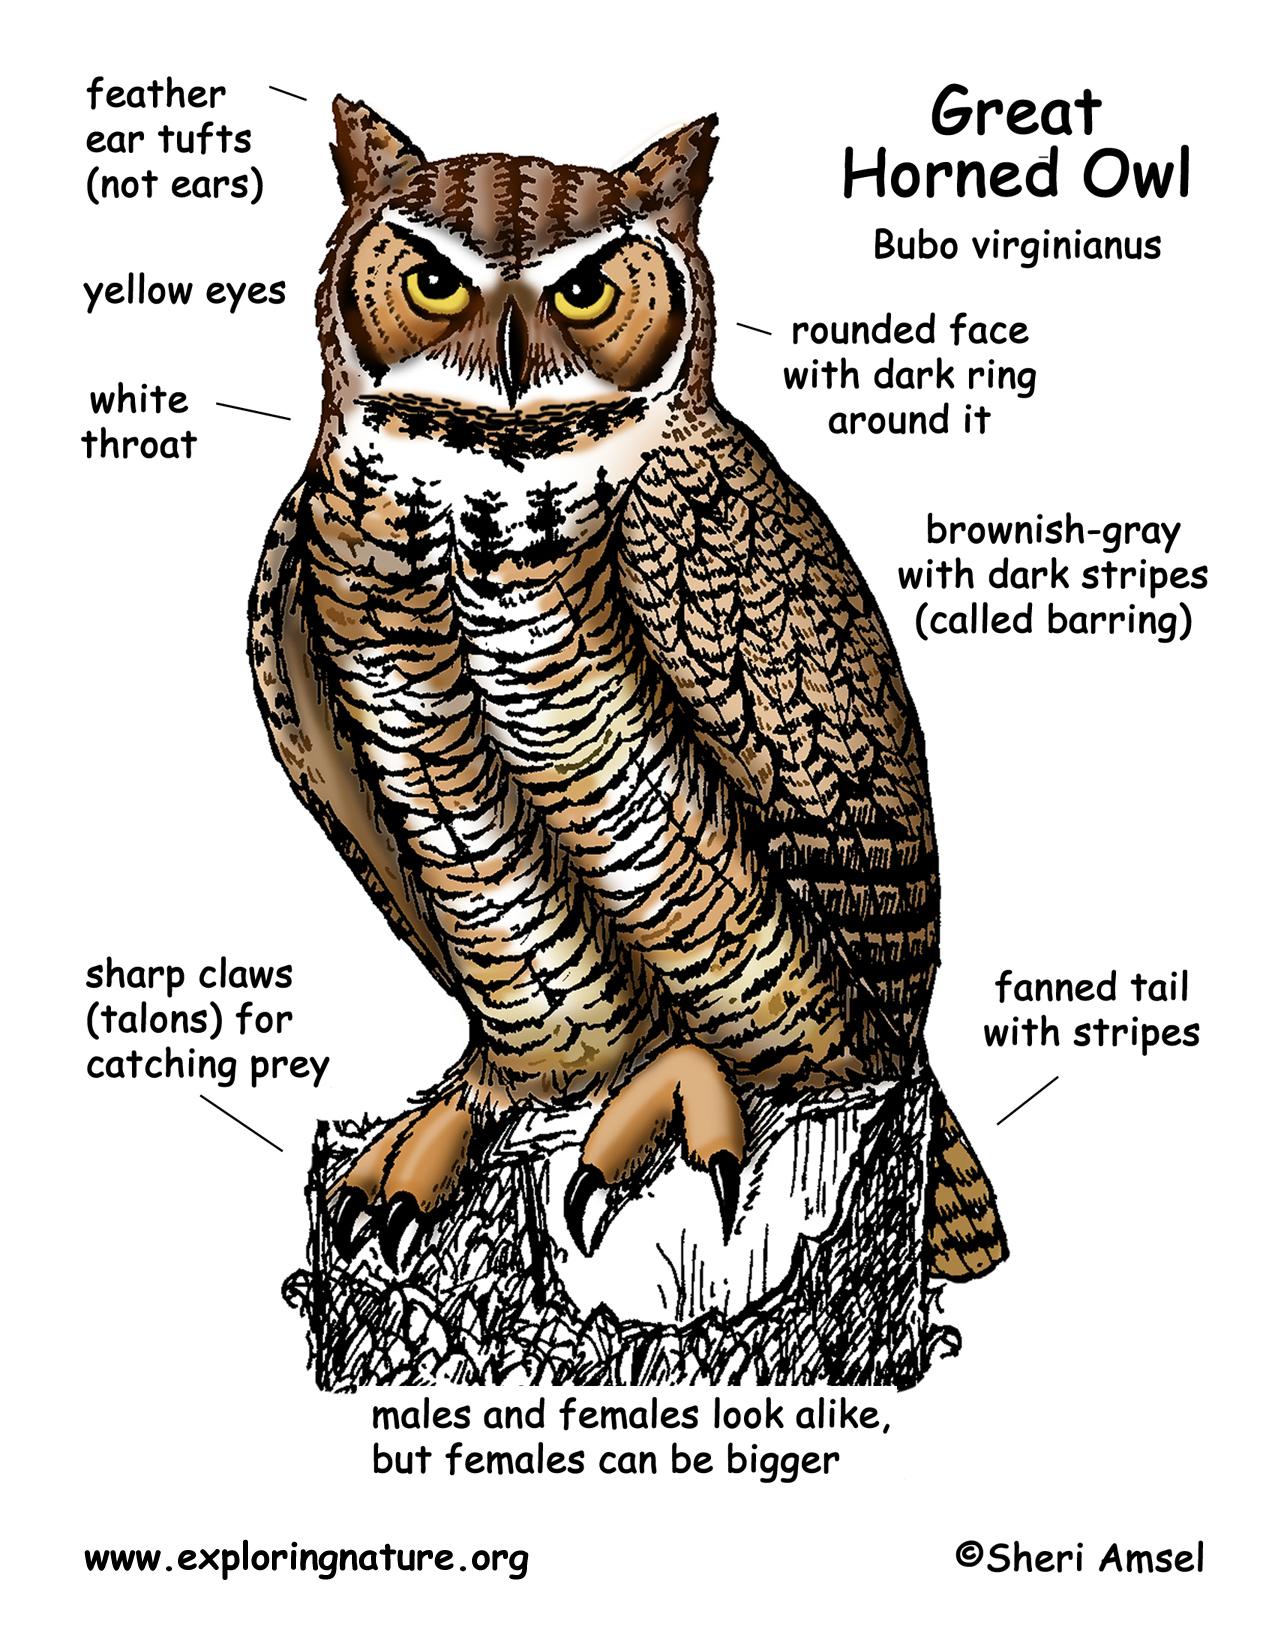 Download Hi Res Color Diagram Owl Great Horned